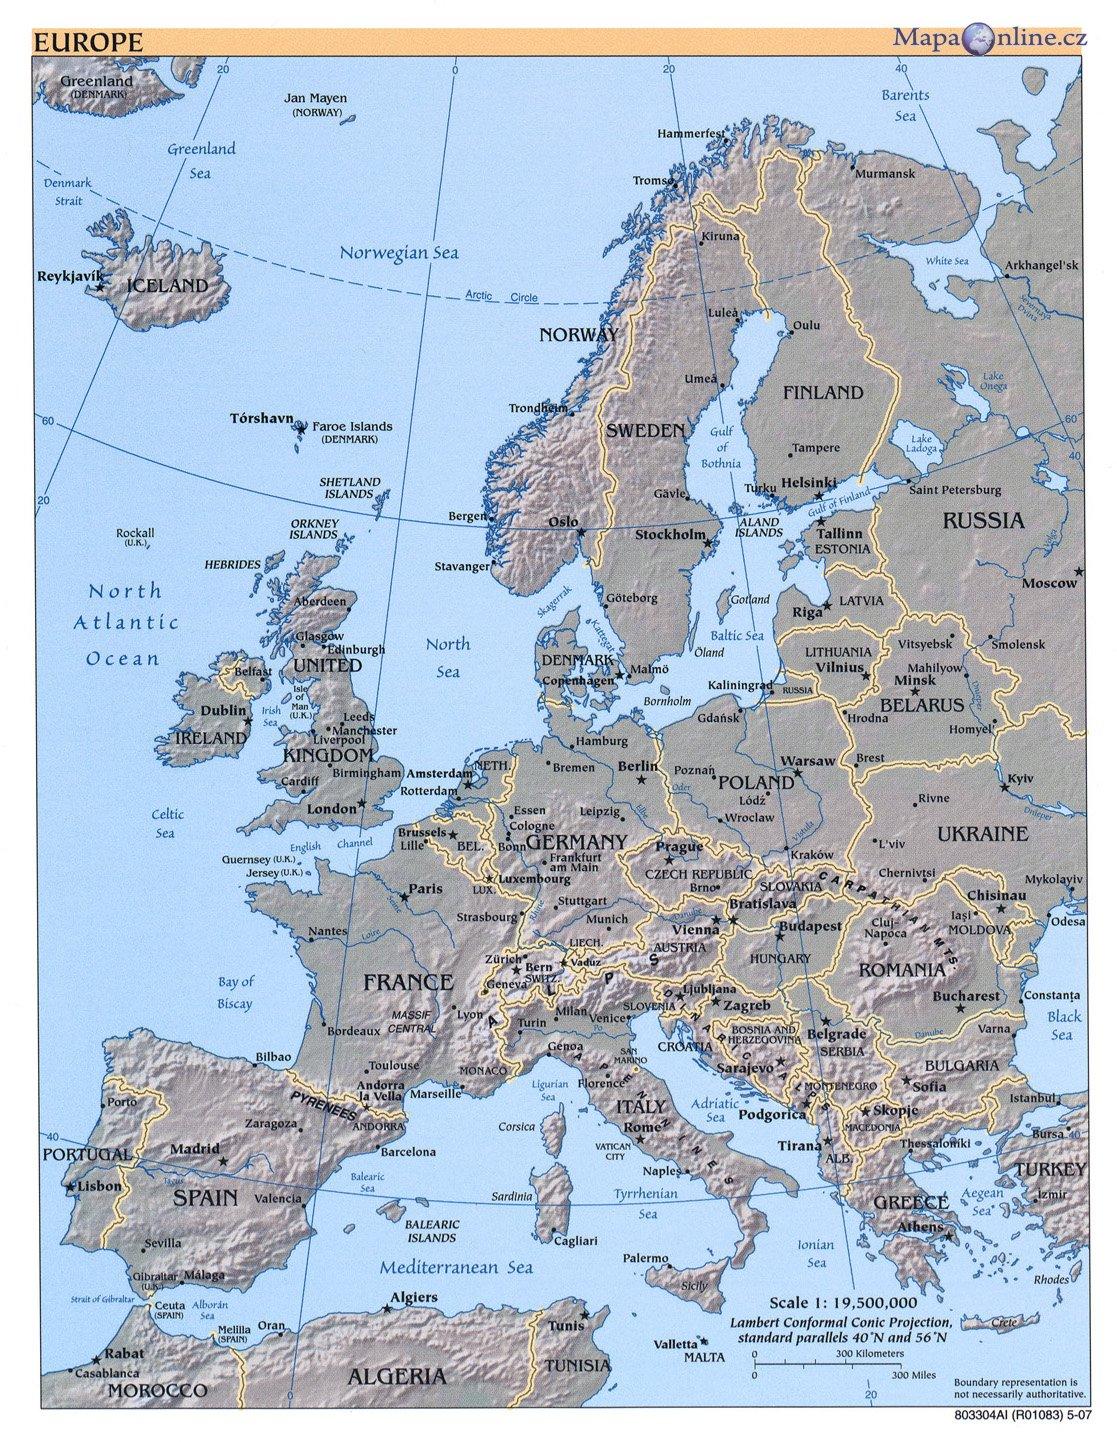 Mapa Evropy Mapaonline Cz